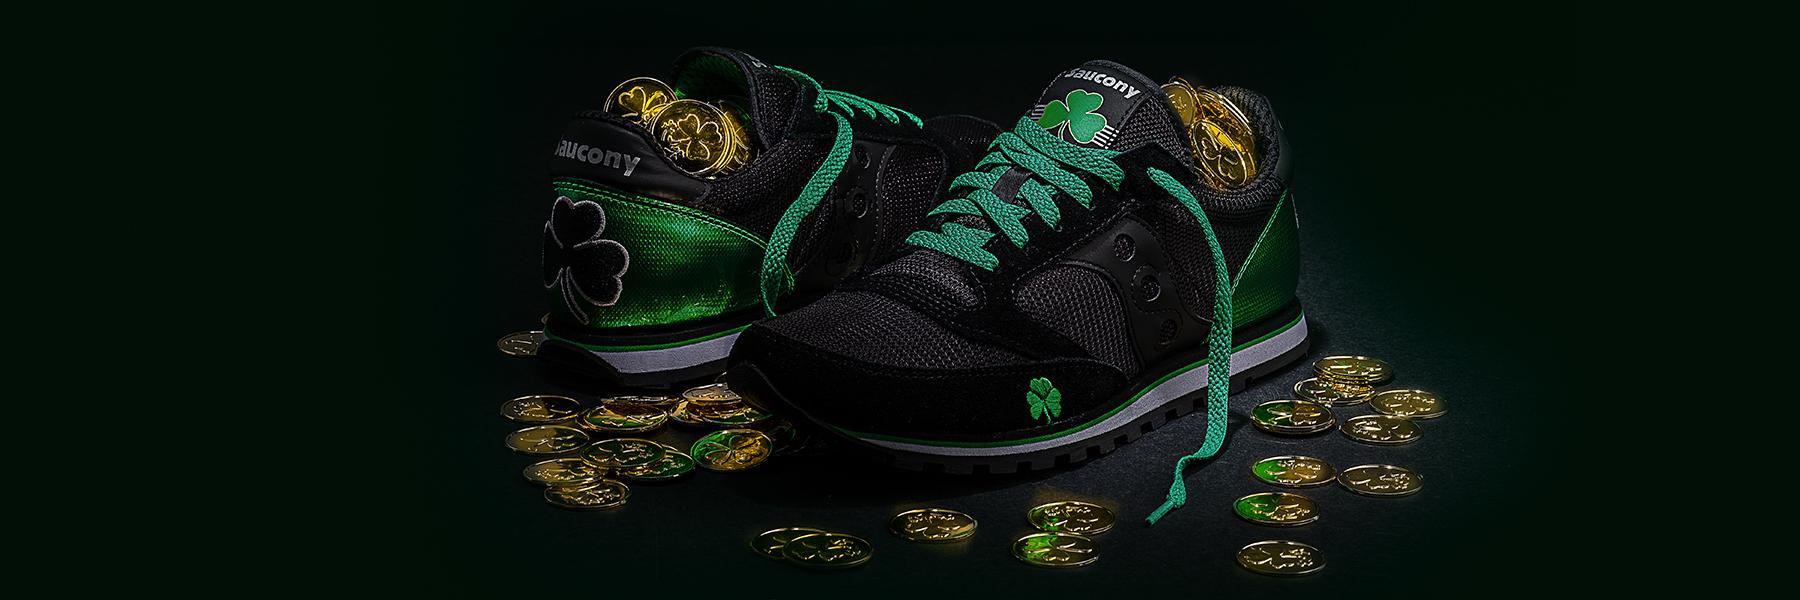 Running Shoes d54f3bdf2cc3